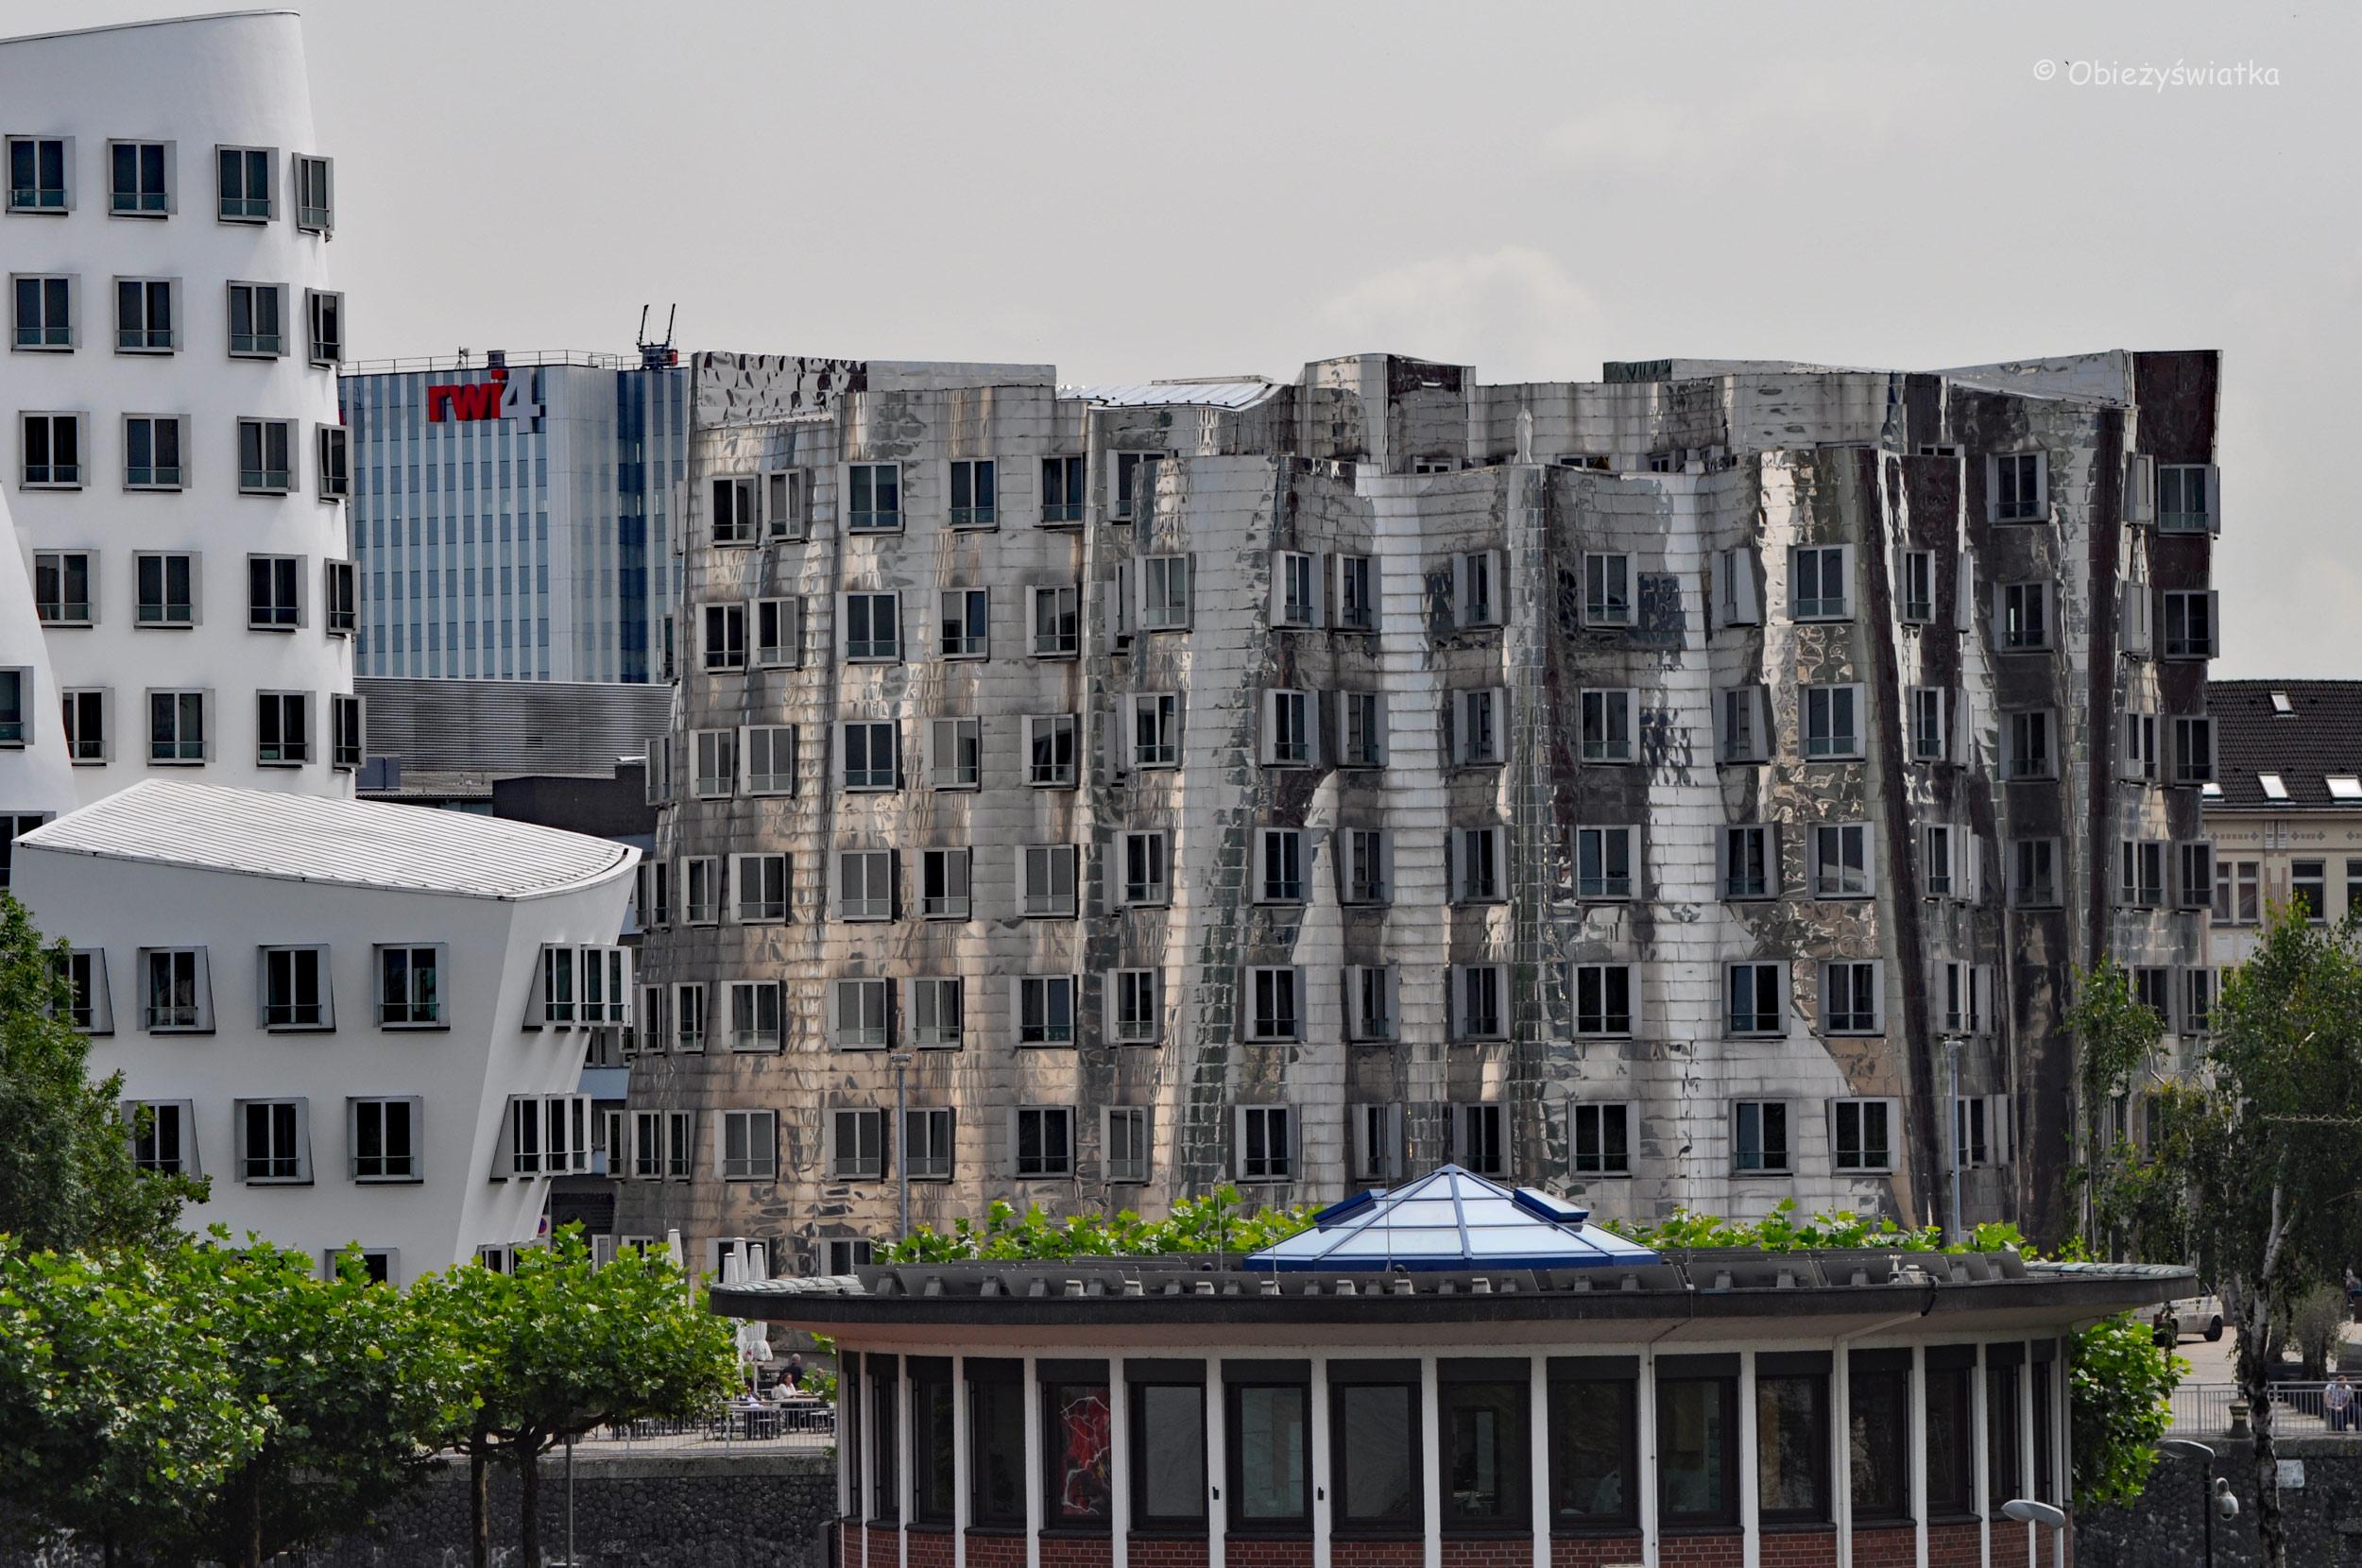 Neuer Zollhof - budynki Franka Gehry'ego w Düsseldorfie